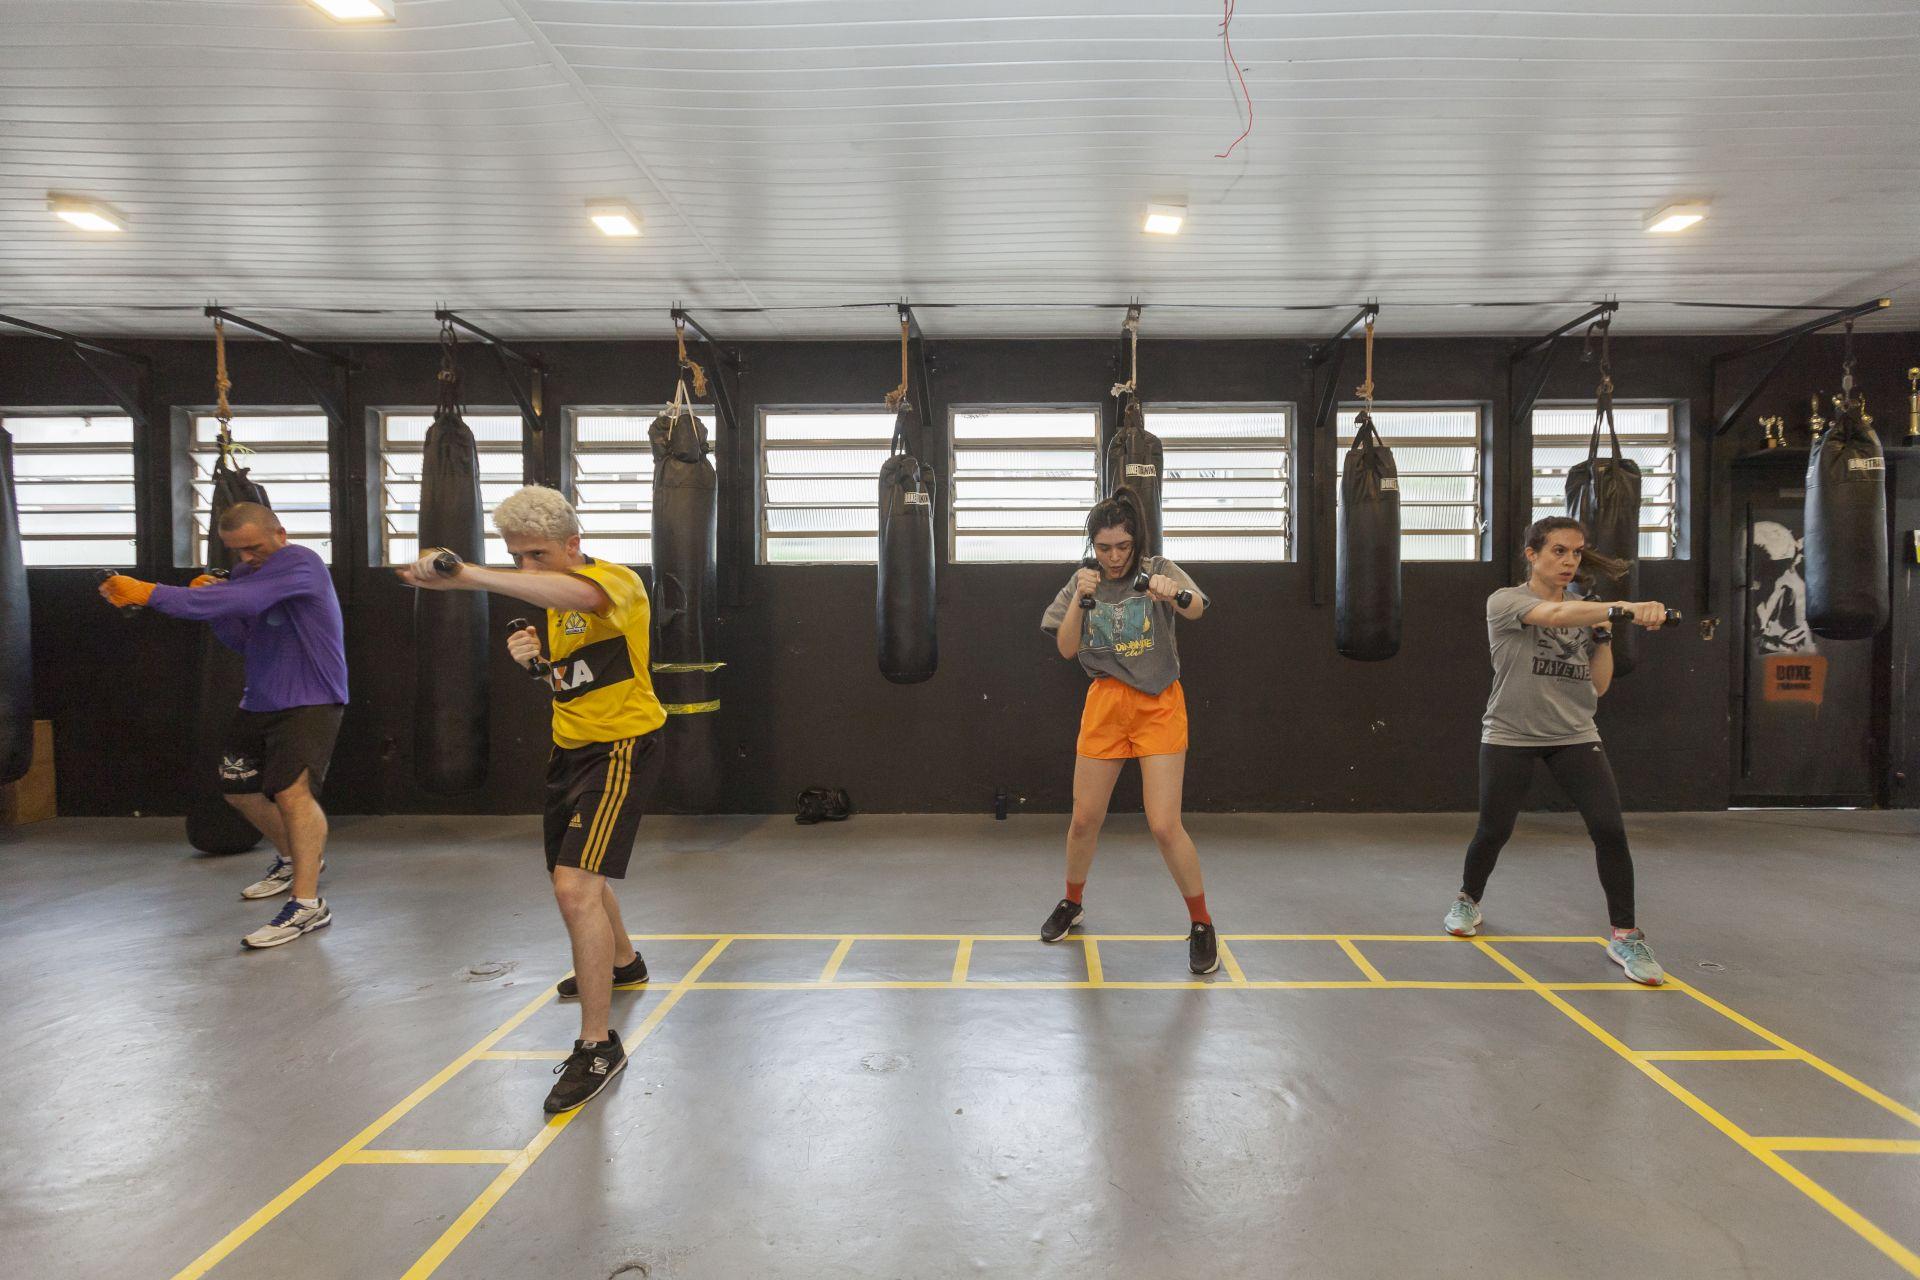 Em 2005, a Boxe Training abriu uma turma exclusivamente para as mulheres. Em alguns anos, não foi mais necessário um horário separado e até hoje as turmas são mistas. Foto: Fernando Zequinão/Gazeta do Povo